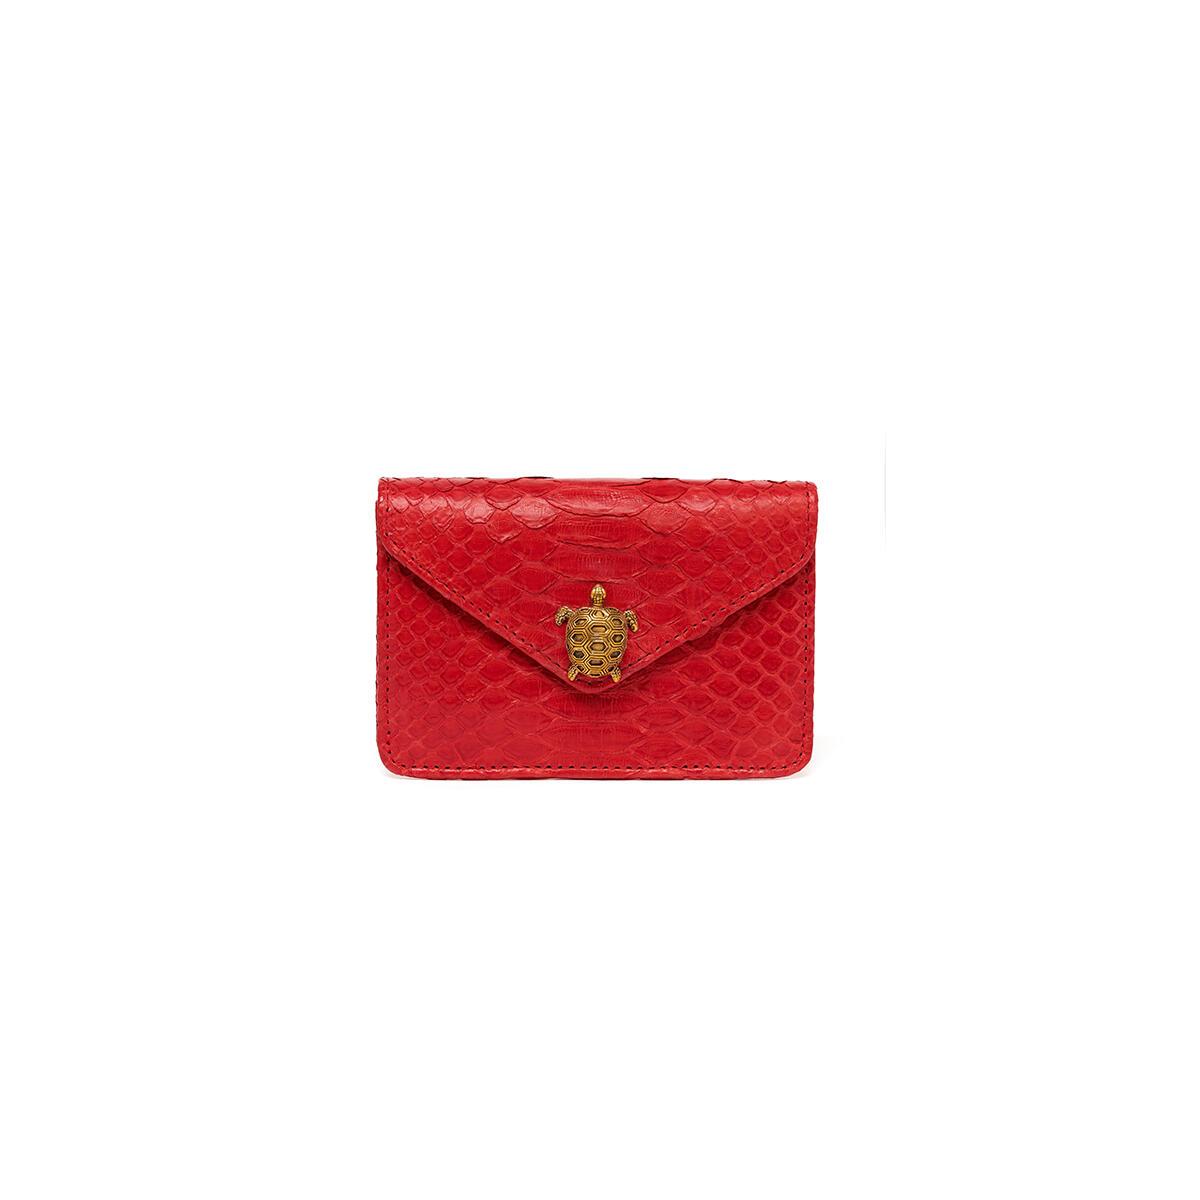 Python Card Holder Red Alex